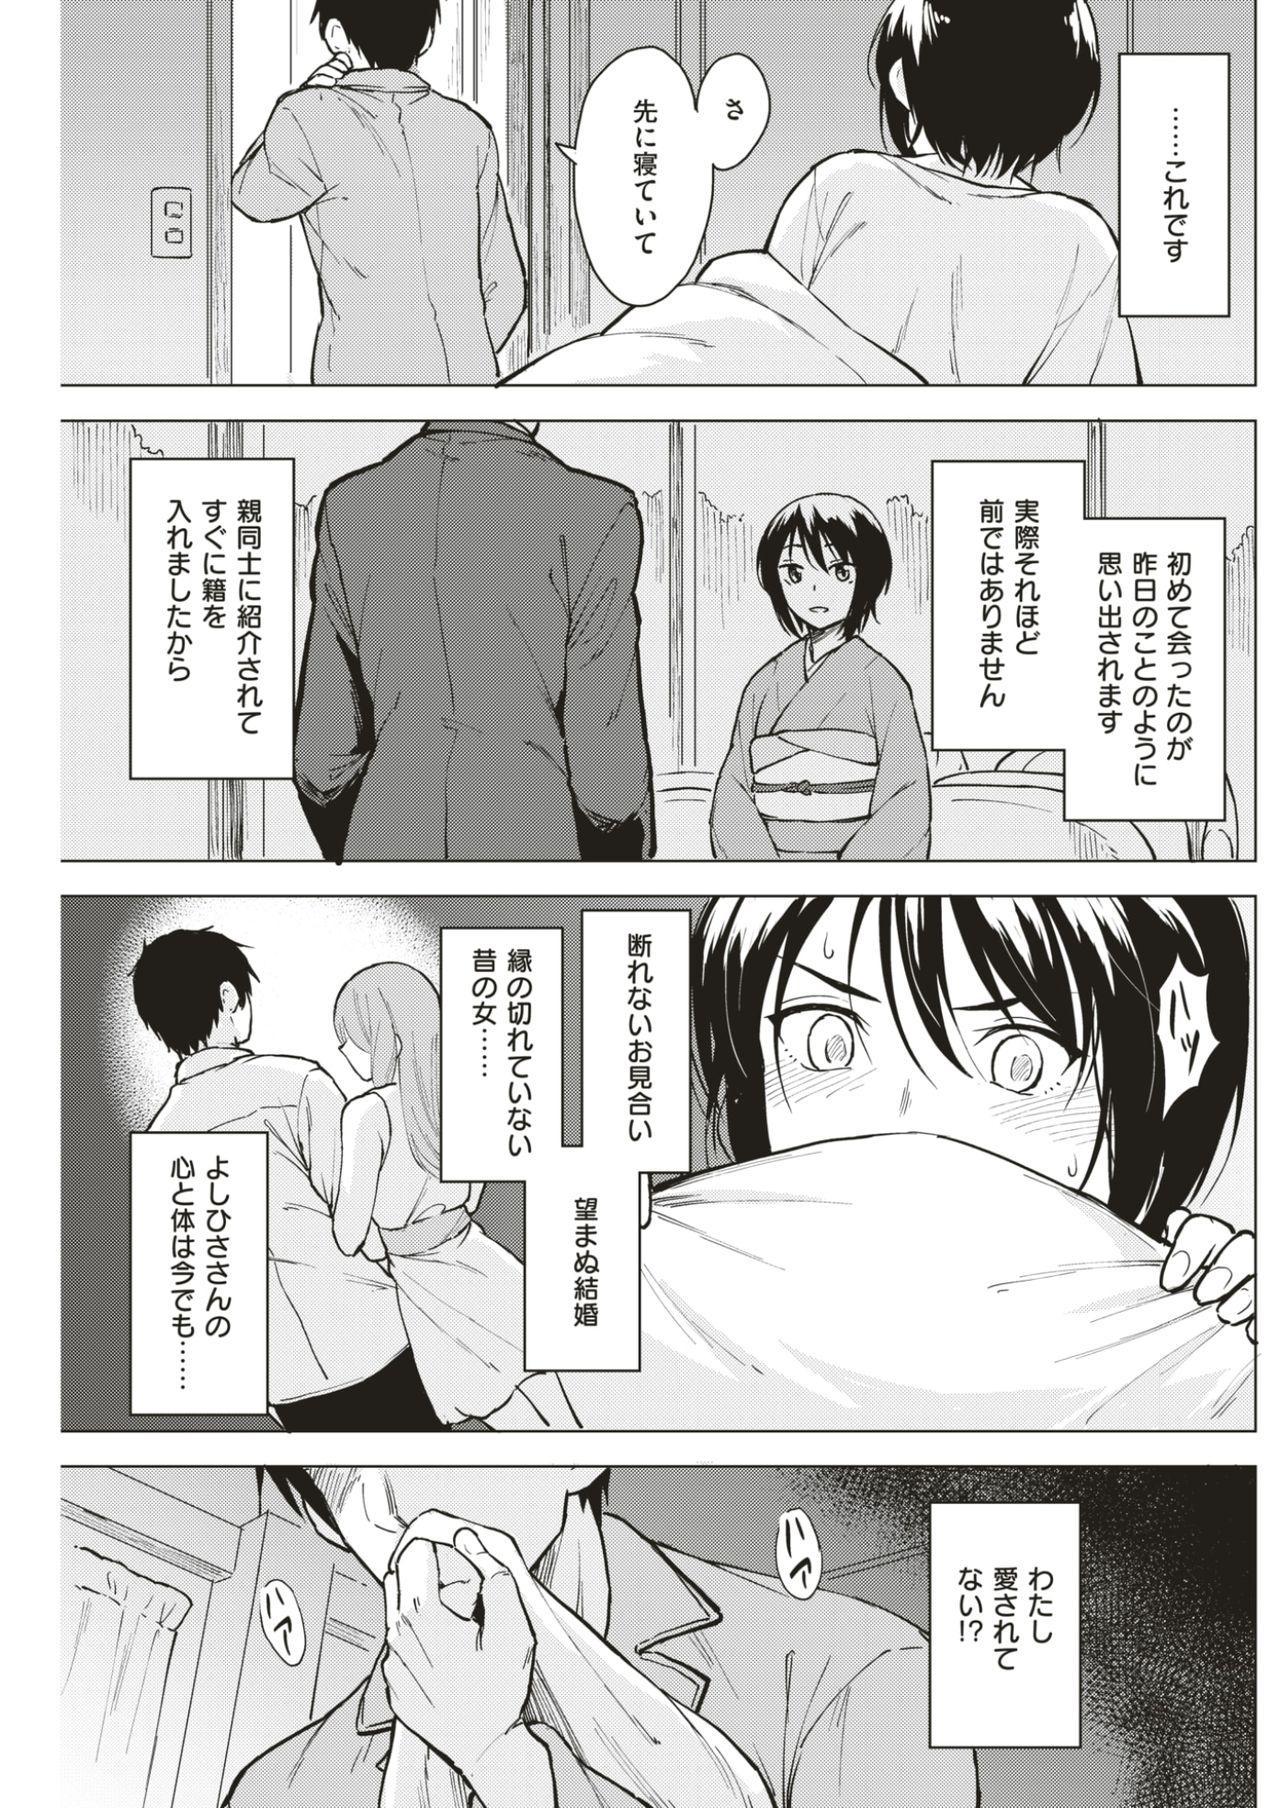 COMIC Kairakuten BEAST 2017-05 213